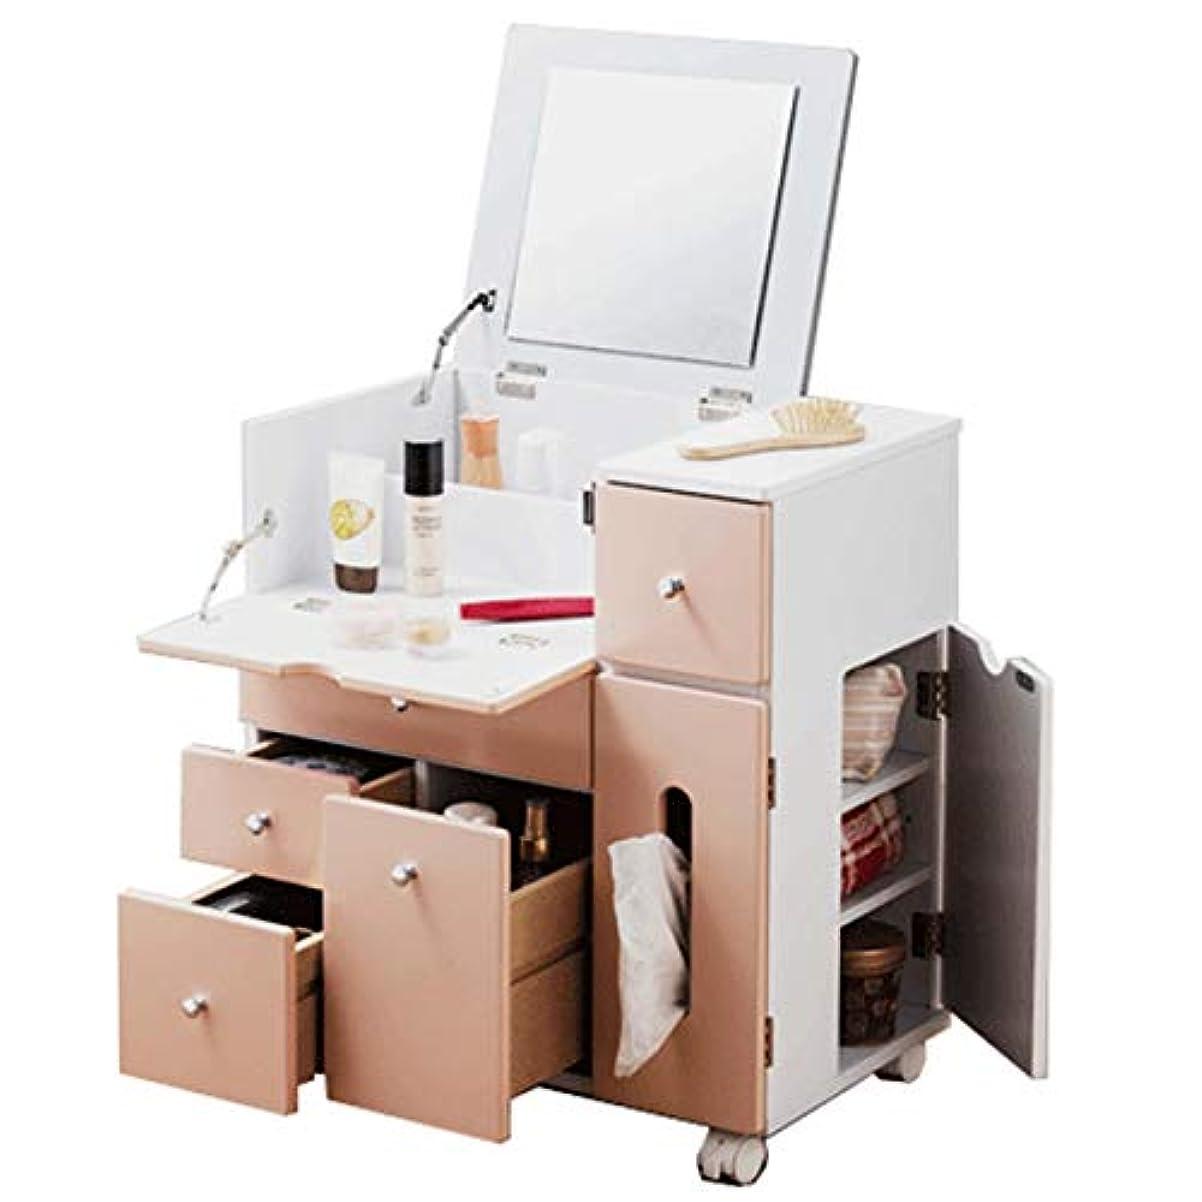 失うハックジーンズ完成品 コスメワゴン コスメボックス 鏡台 ミラー 収納 シンプル 木製 Cosmetics Wagon メイクボックス ピンク